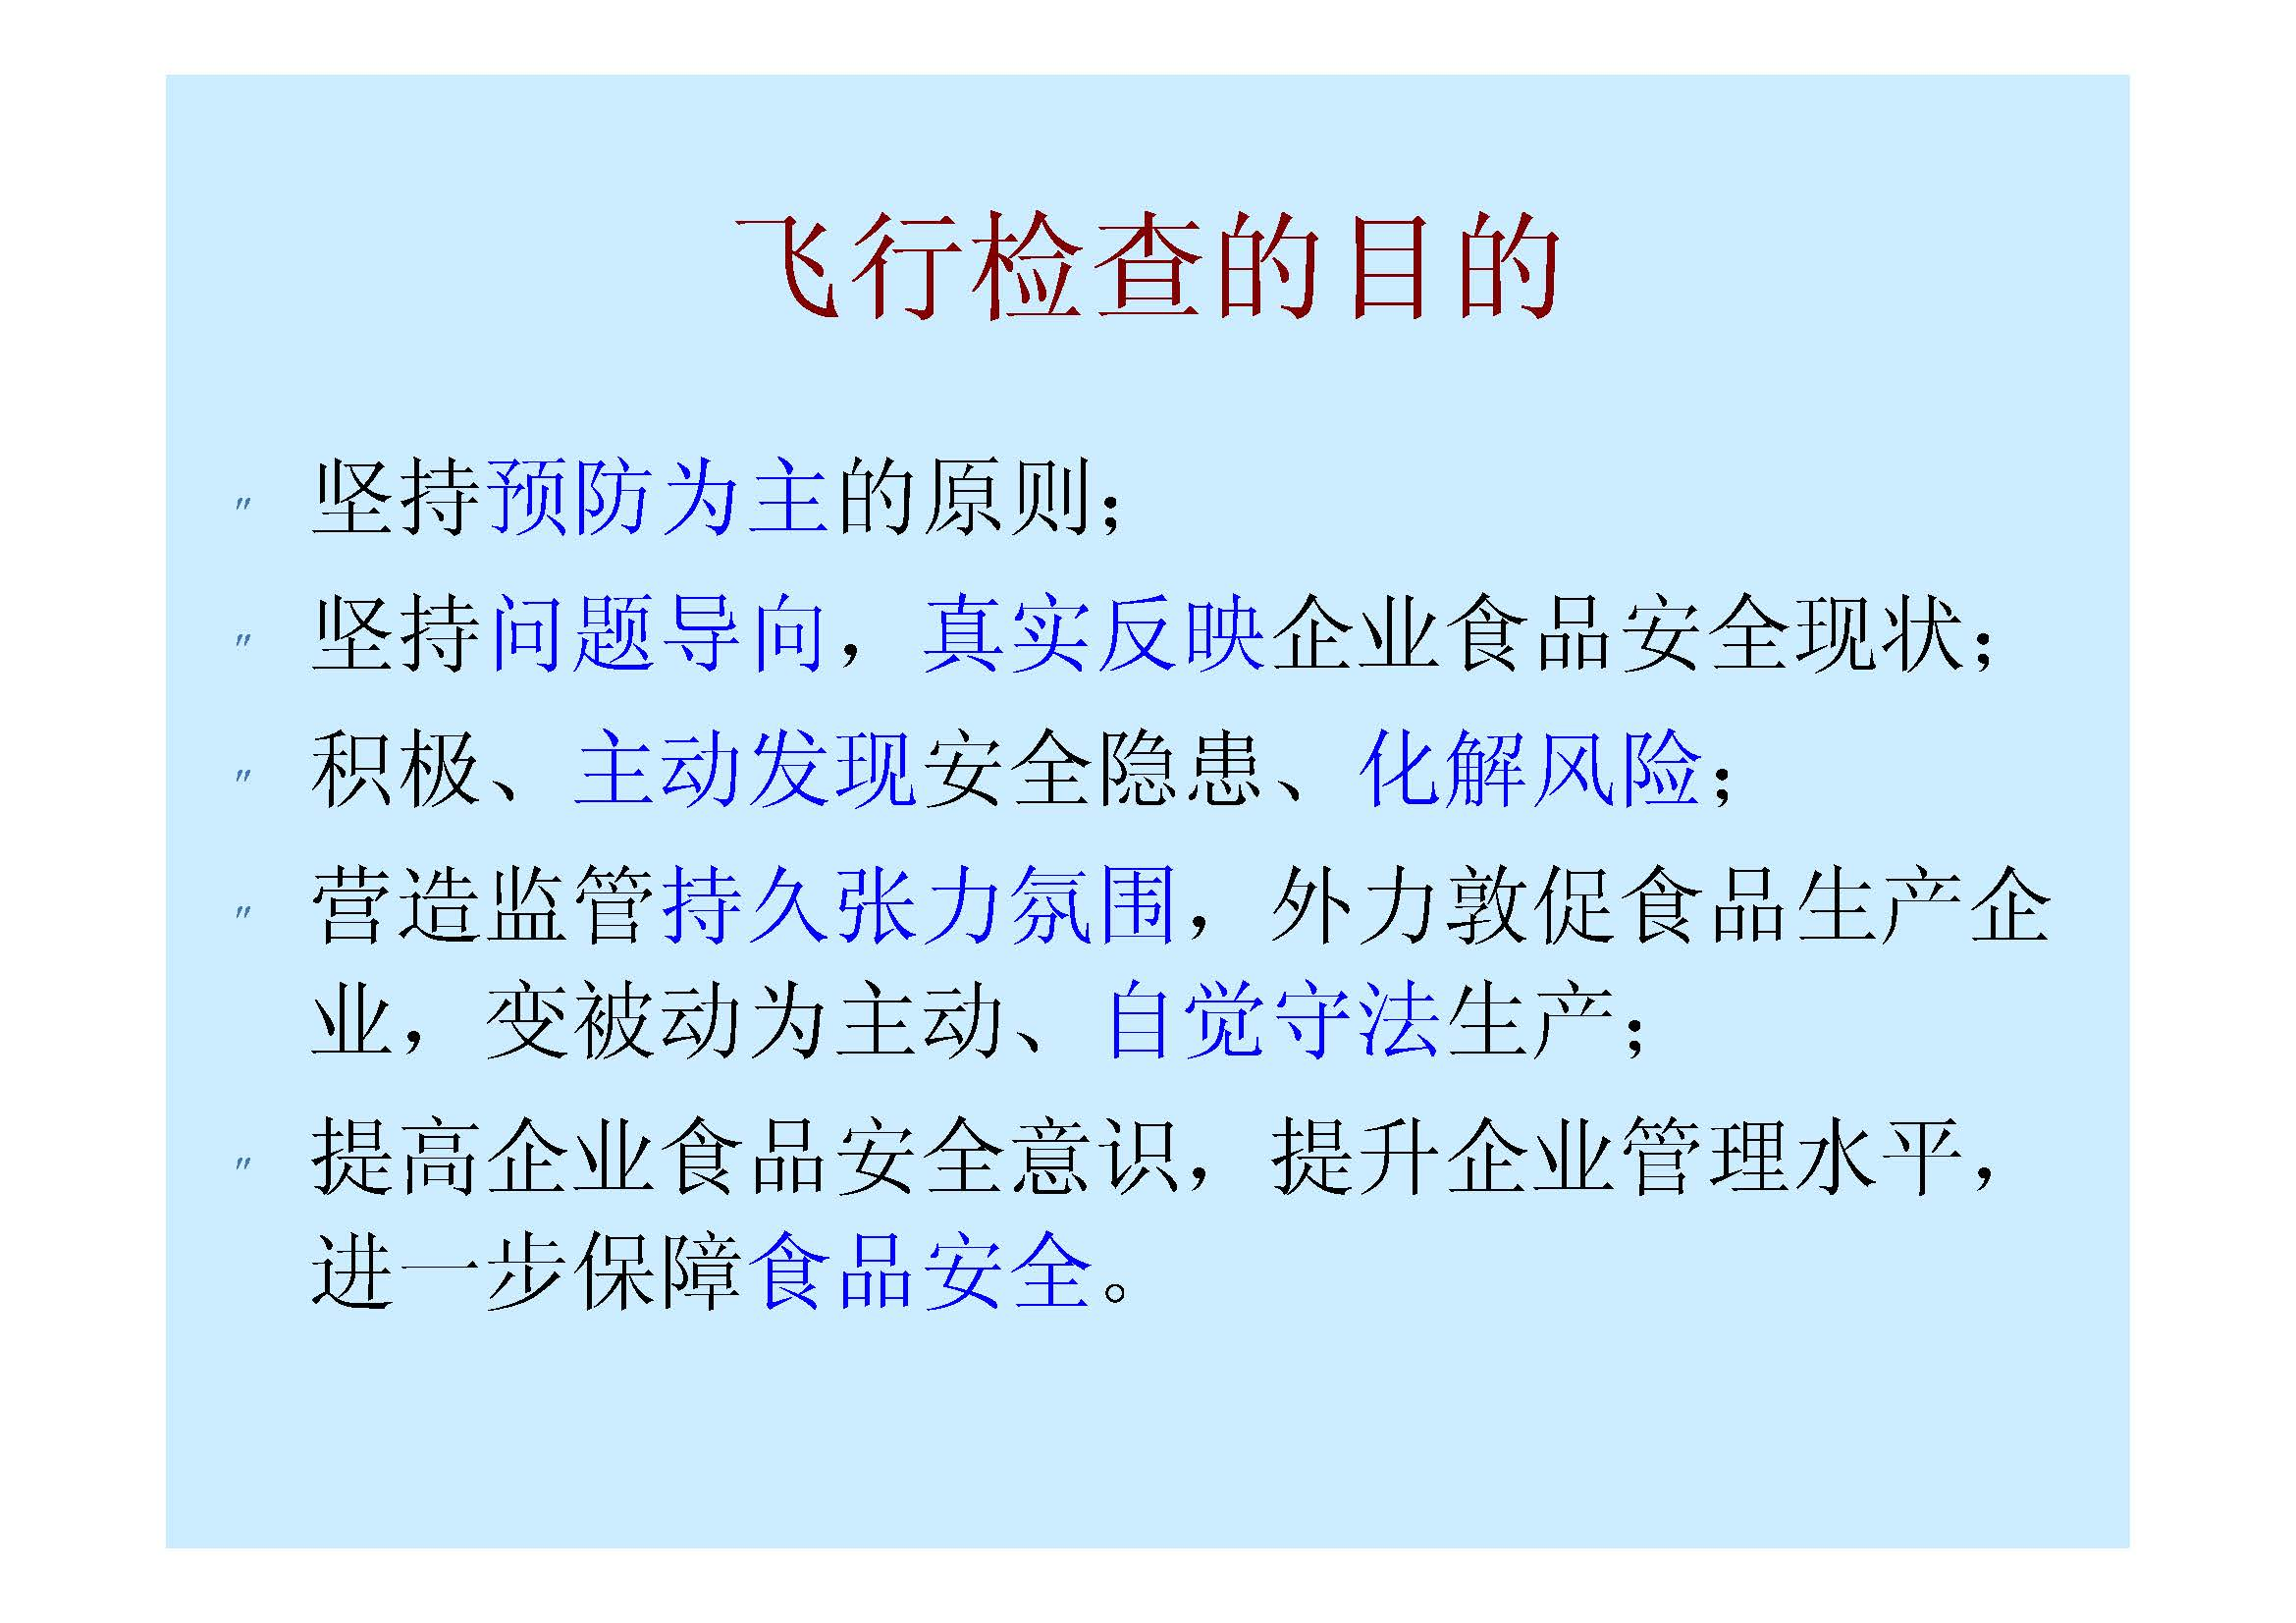 20171019食品生产企业飞检常现问题及改进_页面_03.jpg